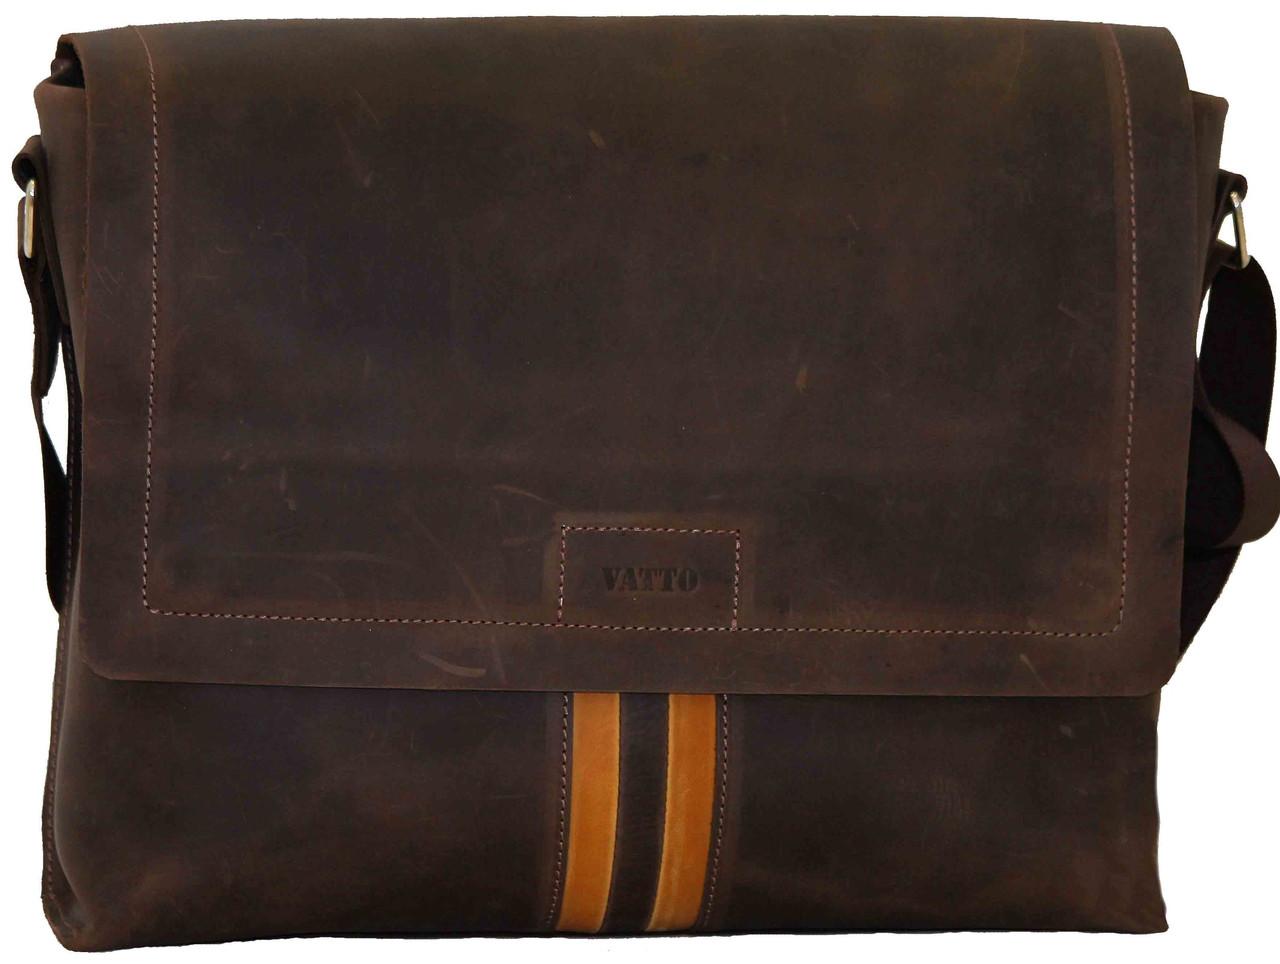 Шкіряна чоловіча сумка Mk34 коричнева